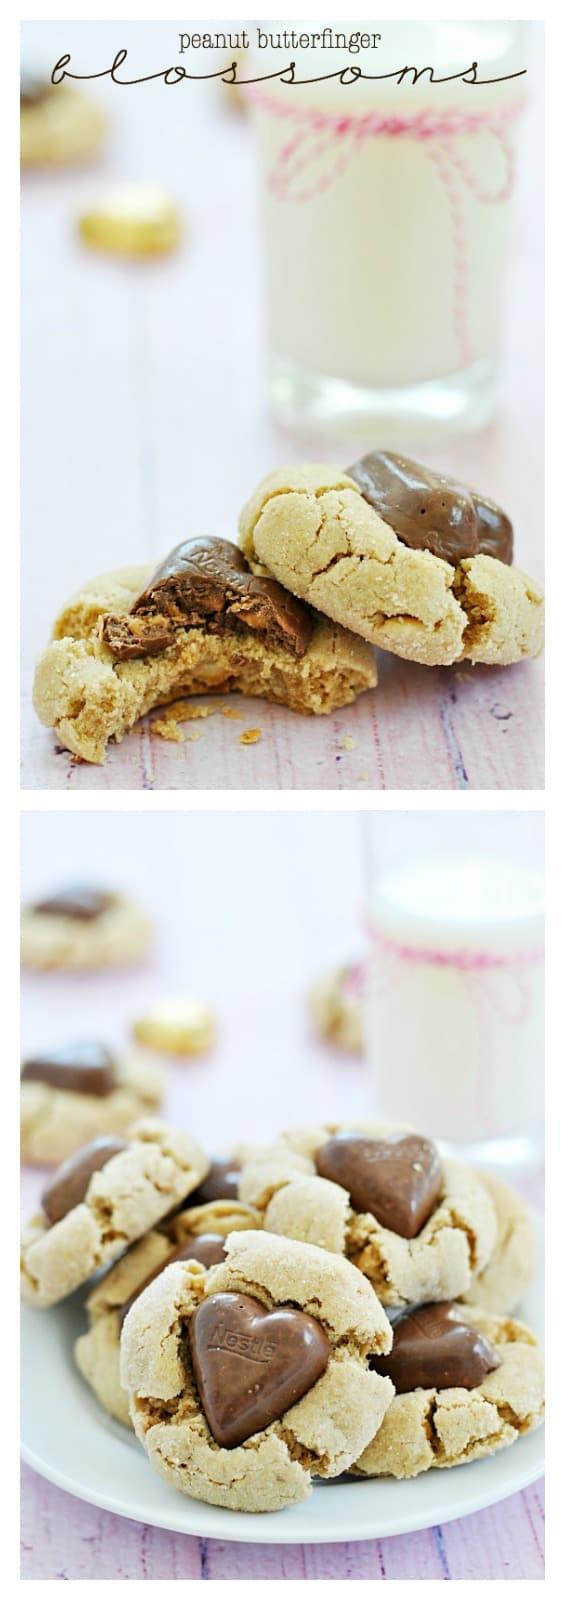 Peanut Butterfinger Blossoms | www.somethingswanky.com